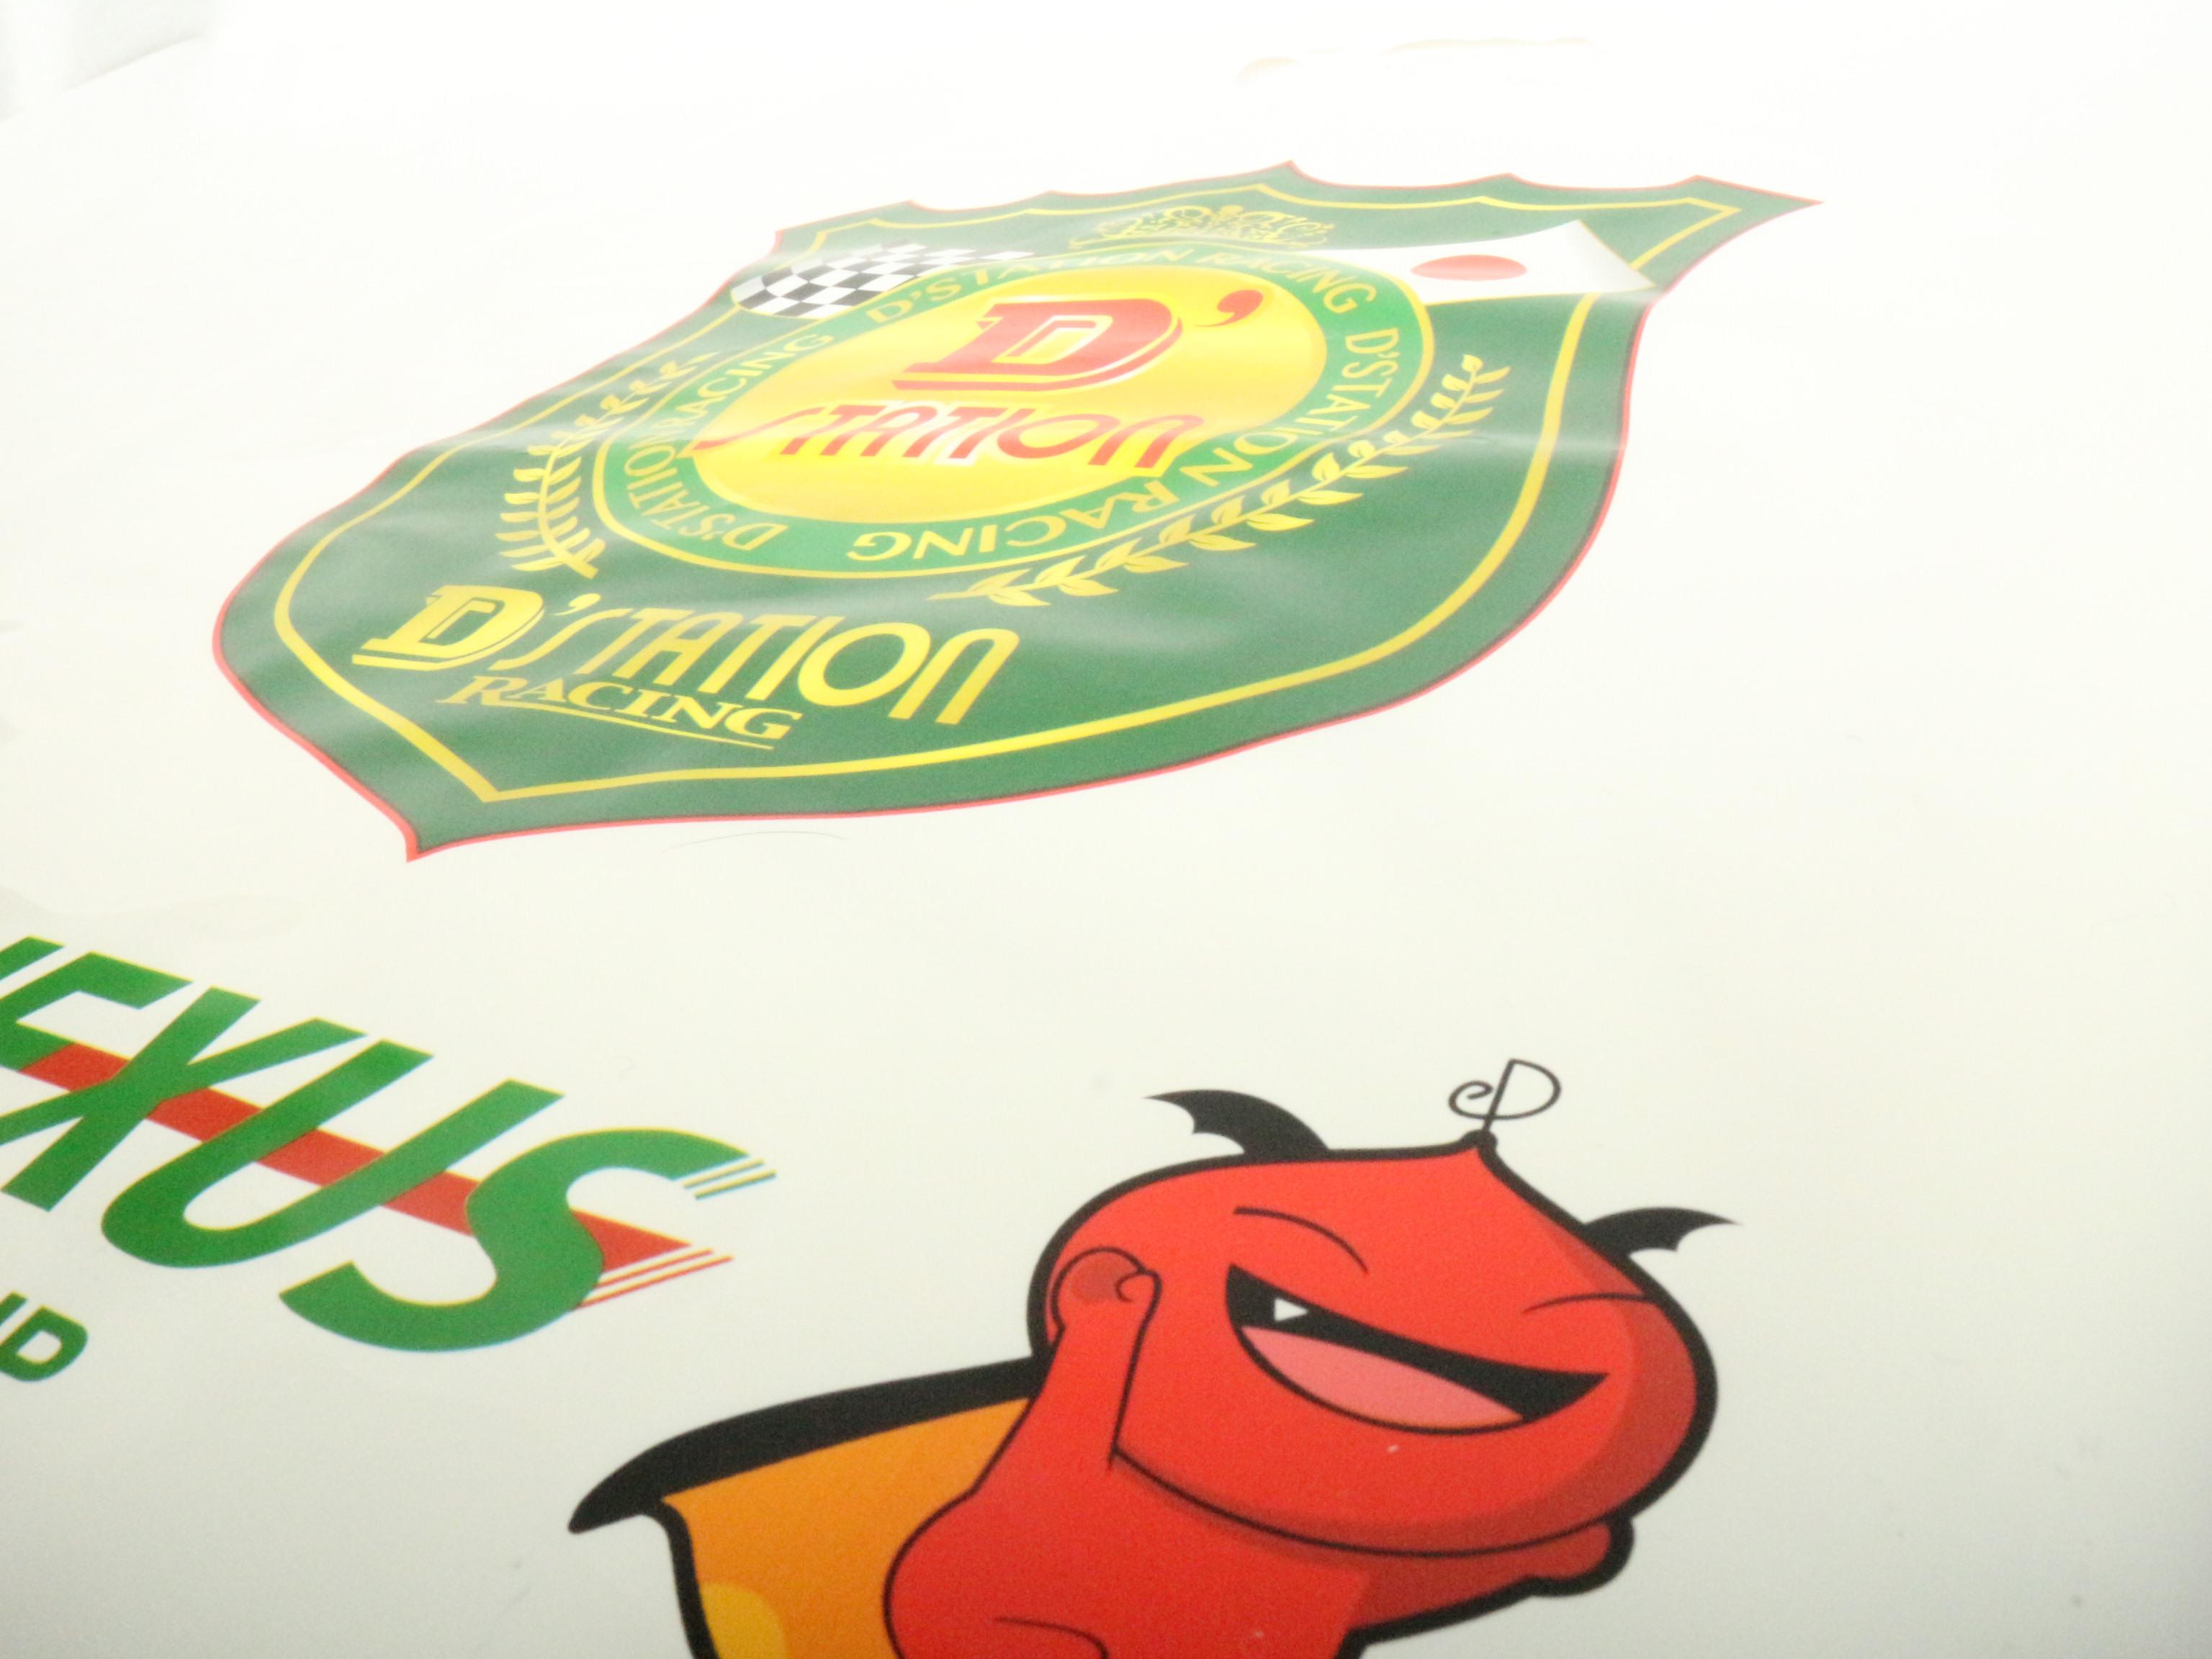 様々なアミューズメント施設を展開されている会社様のオリジナルポリ袋